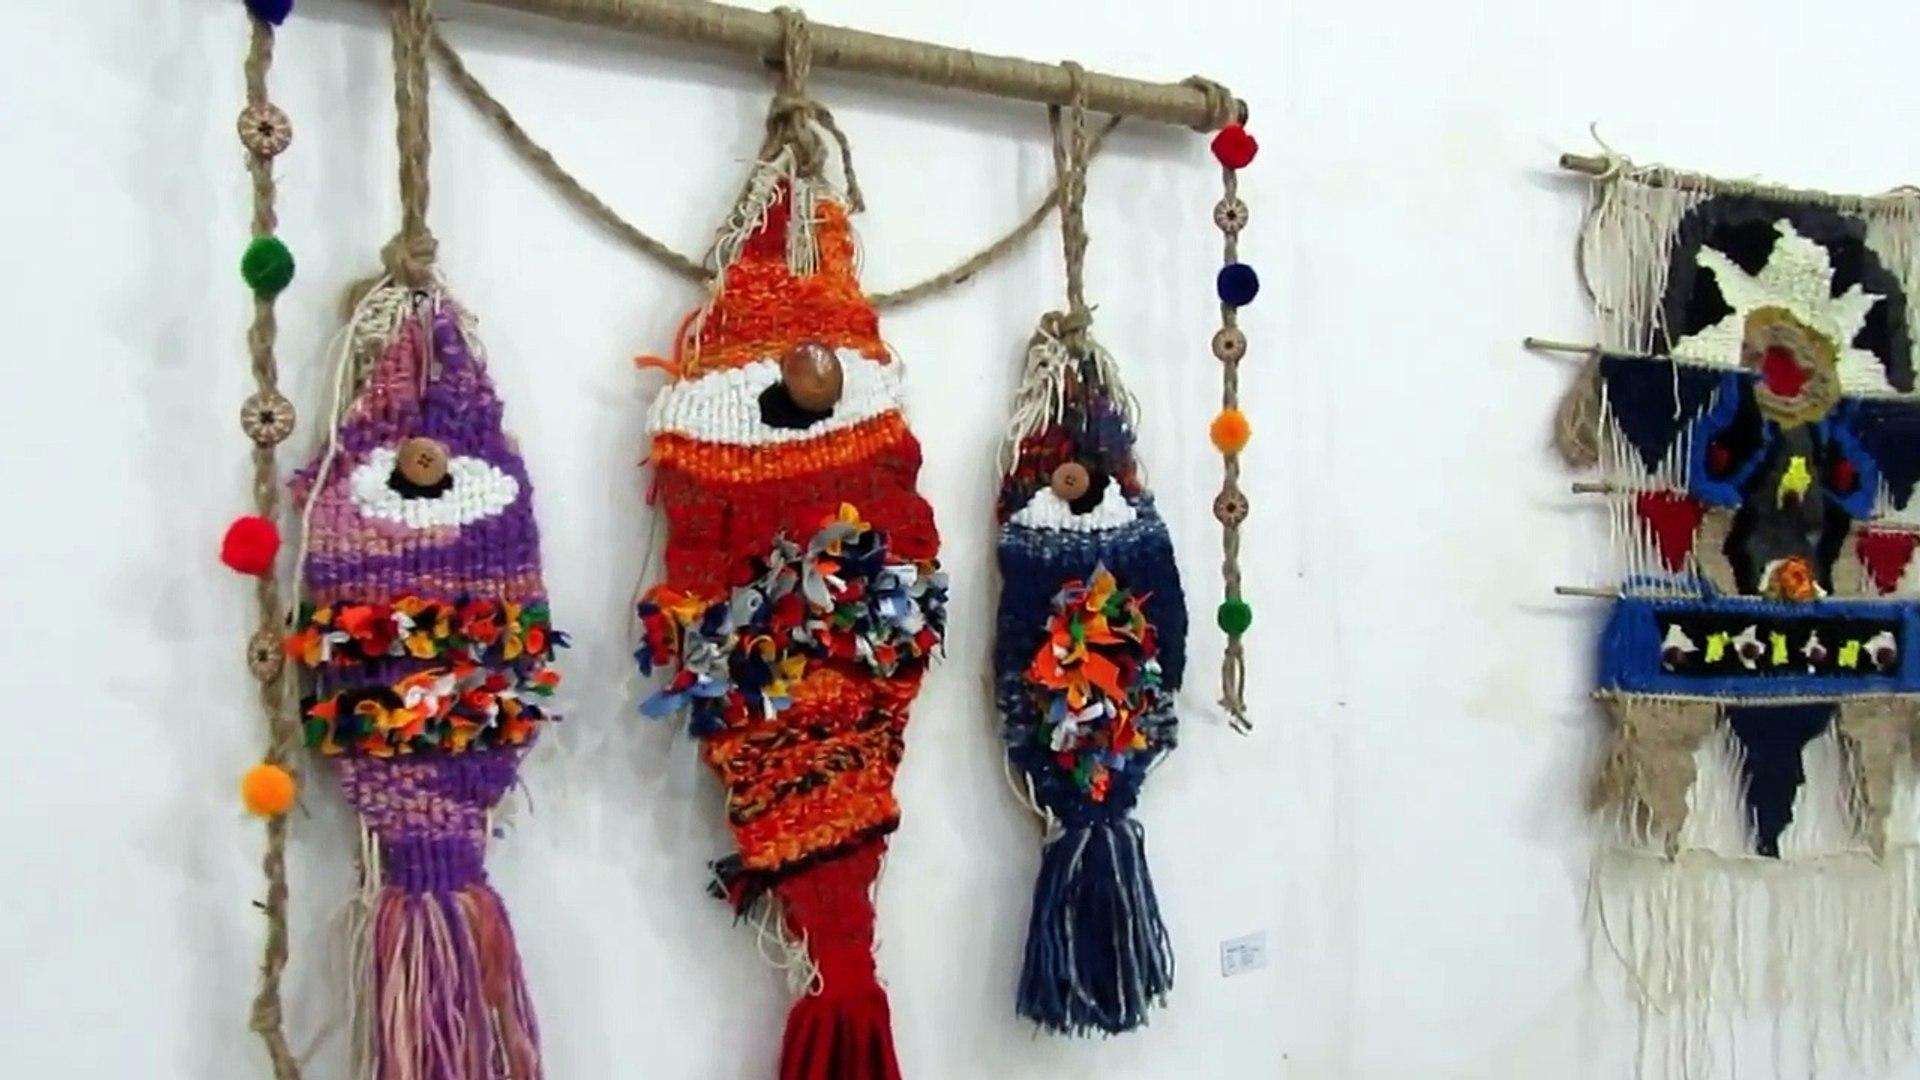 Handicraft - Handicraft video in Bangladesh - Handicraft Industry in bangladesh